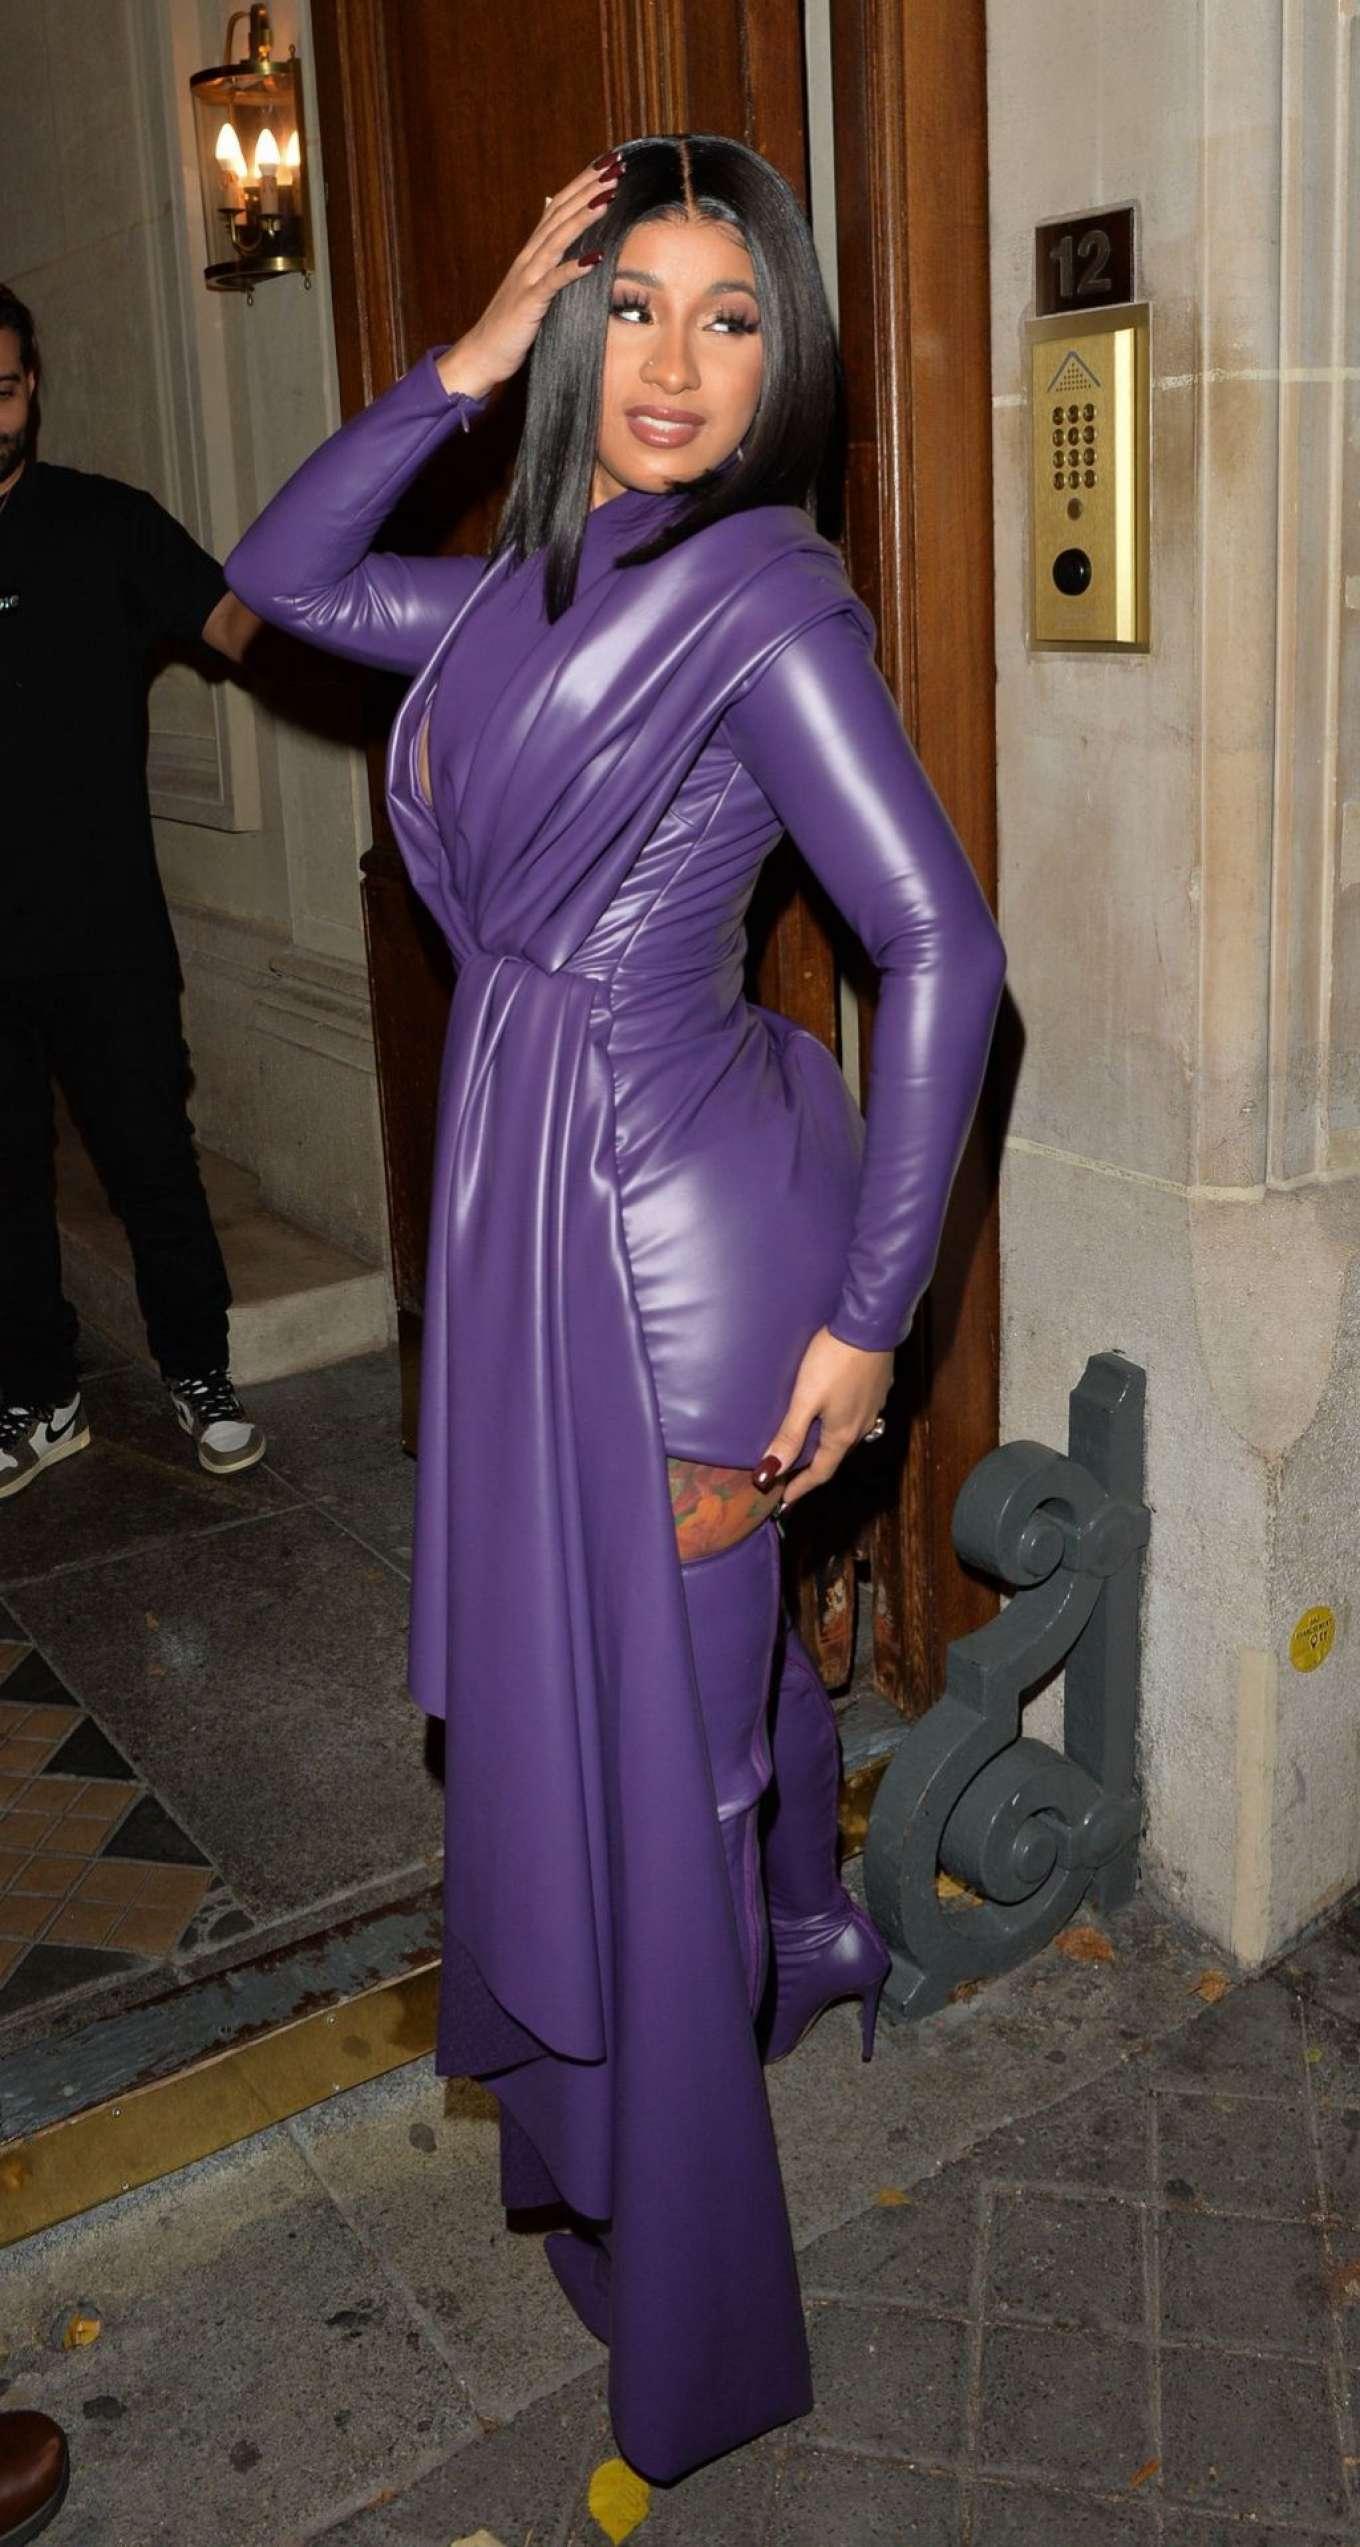 Cardi B 2019 : Cardi B in Low Cut Leather Dress – Out in Paris-16